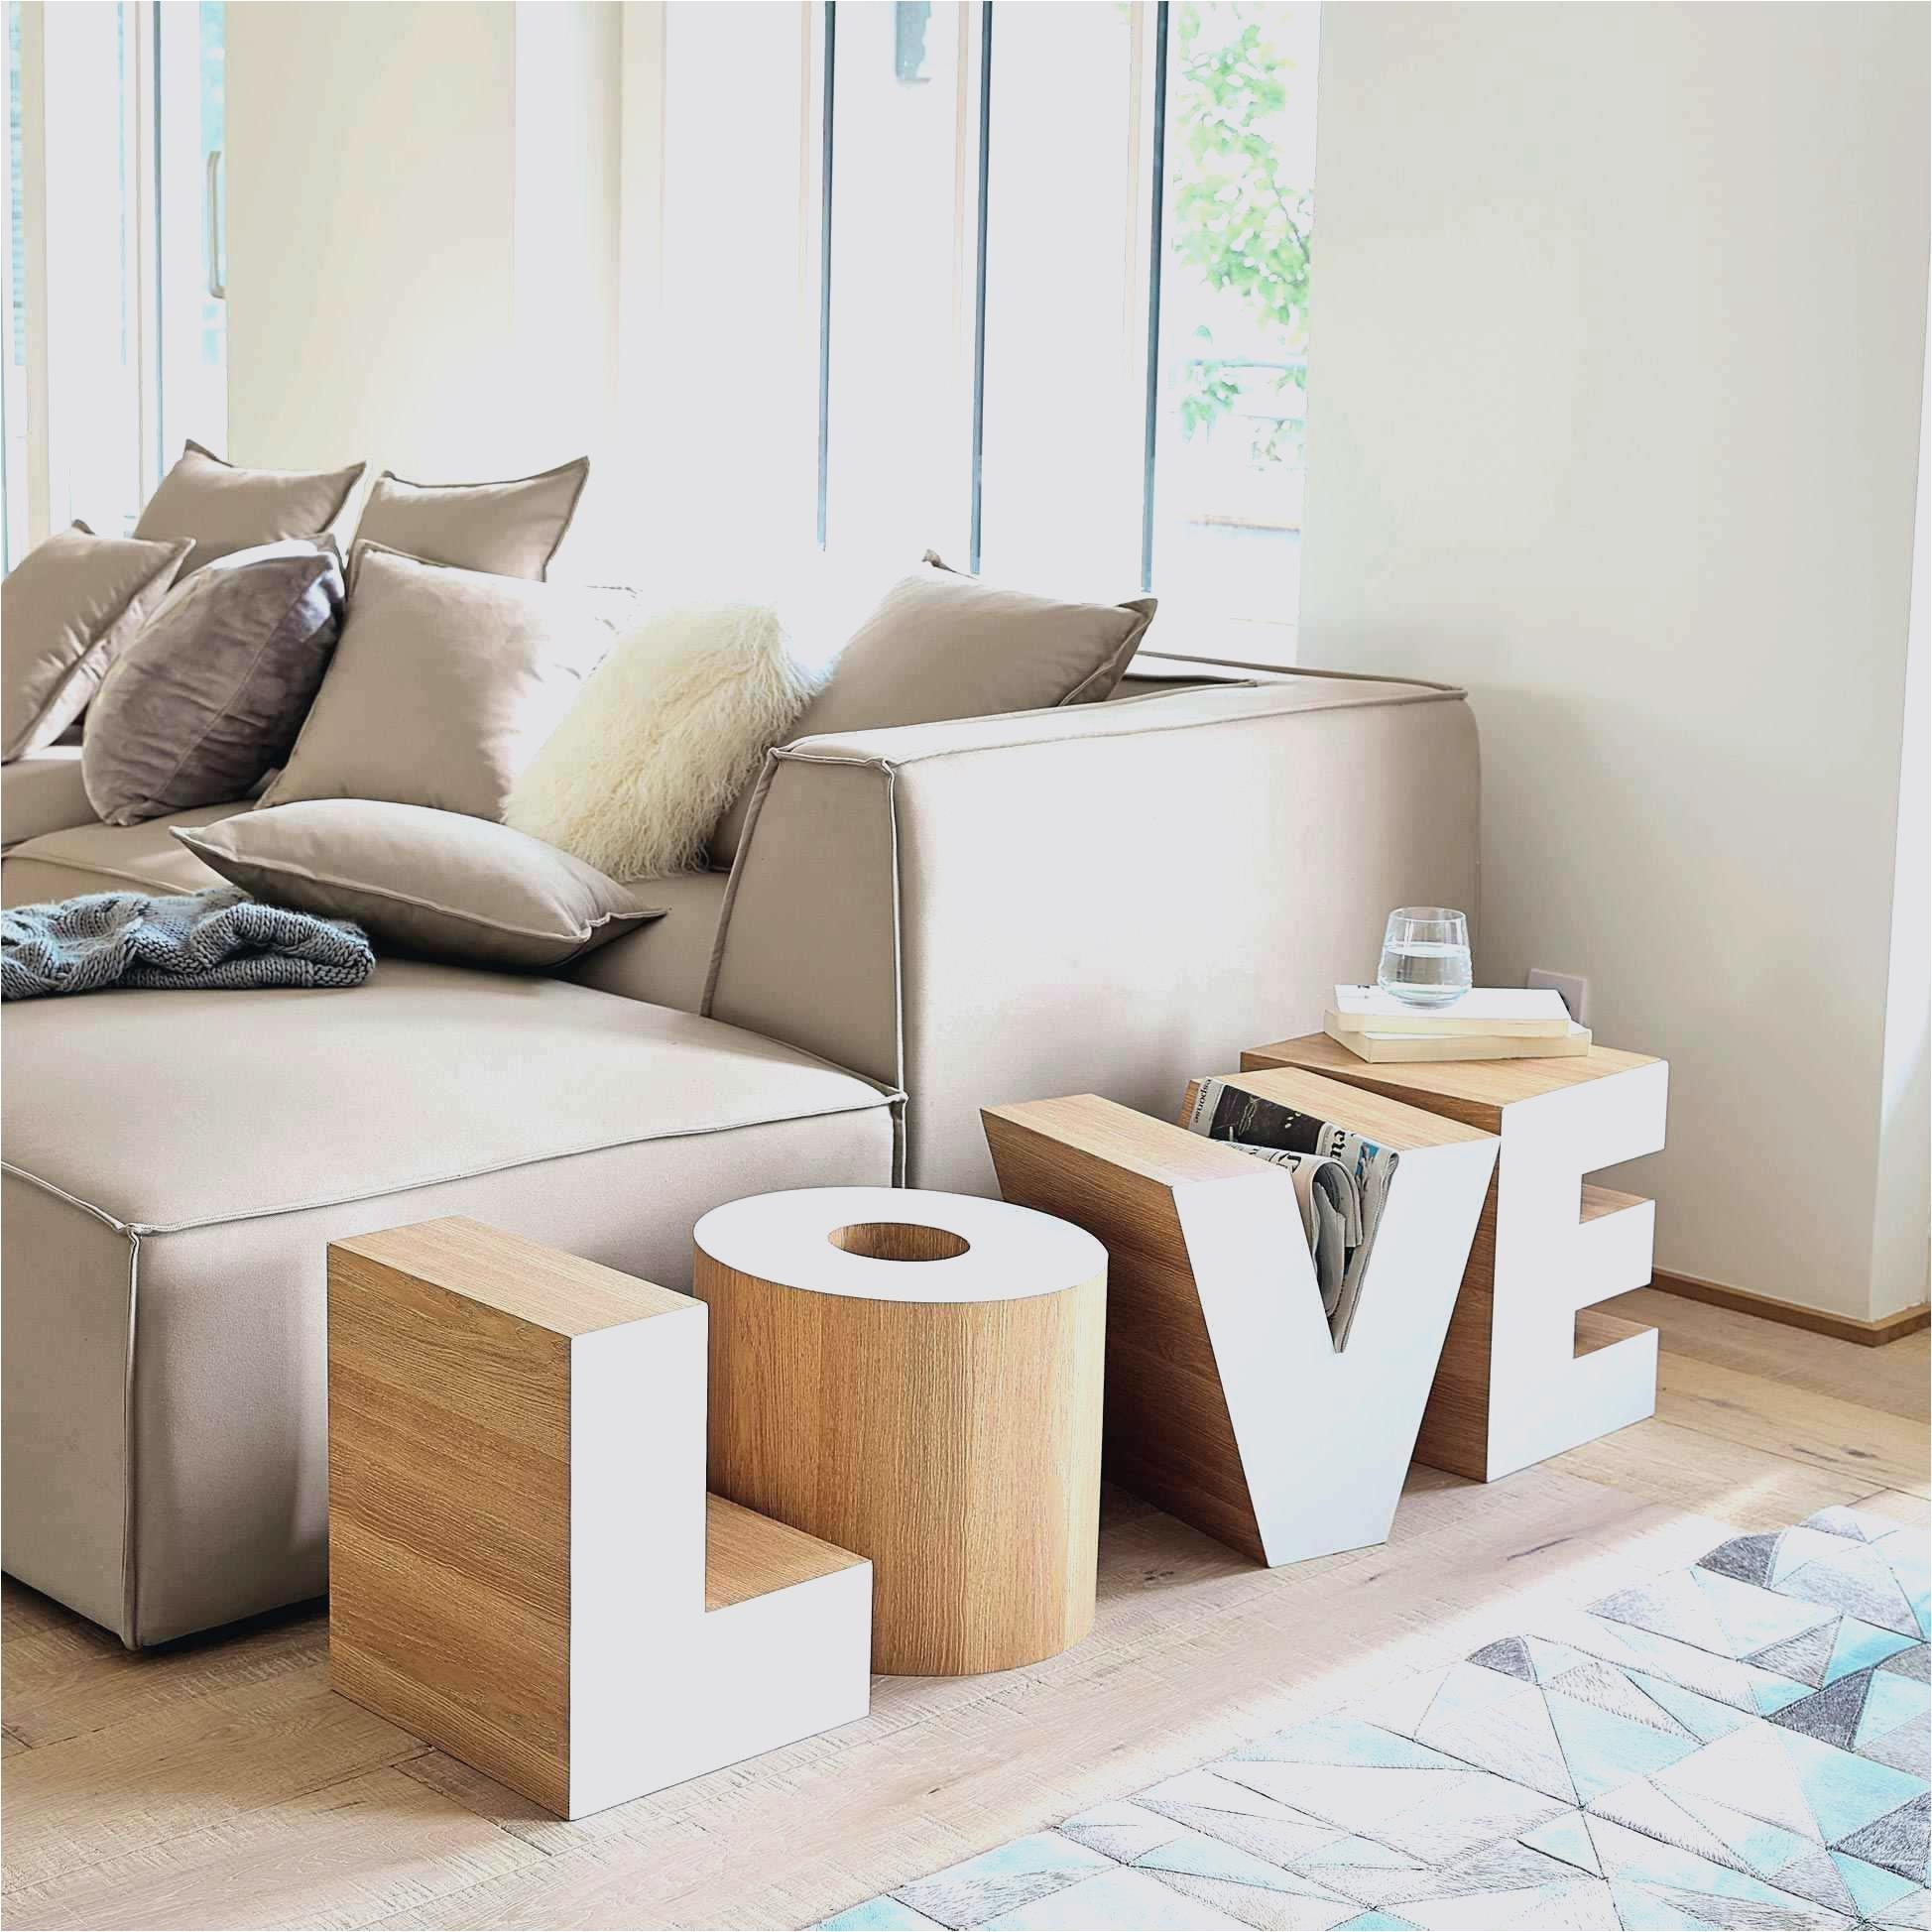 Canapé Romy Conforama Frais Images Impressionné Table Basse Laquée Blanc